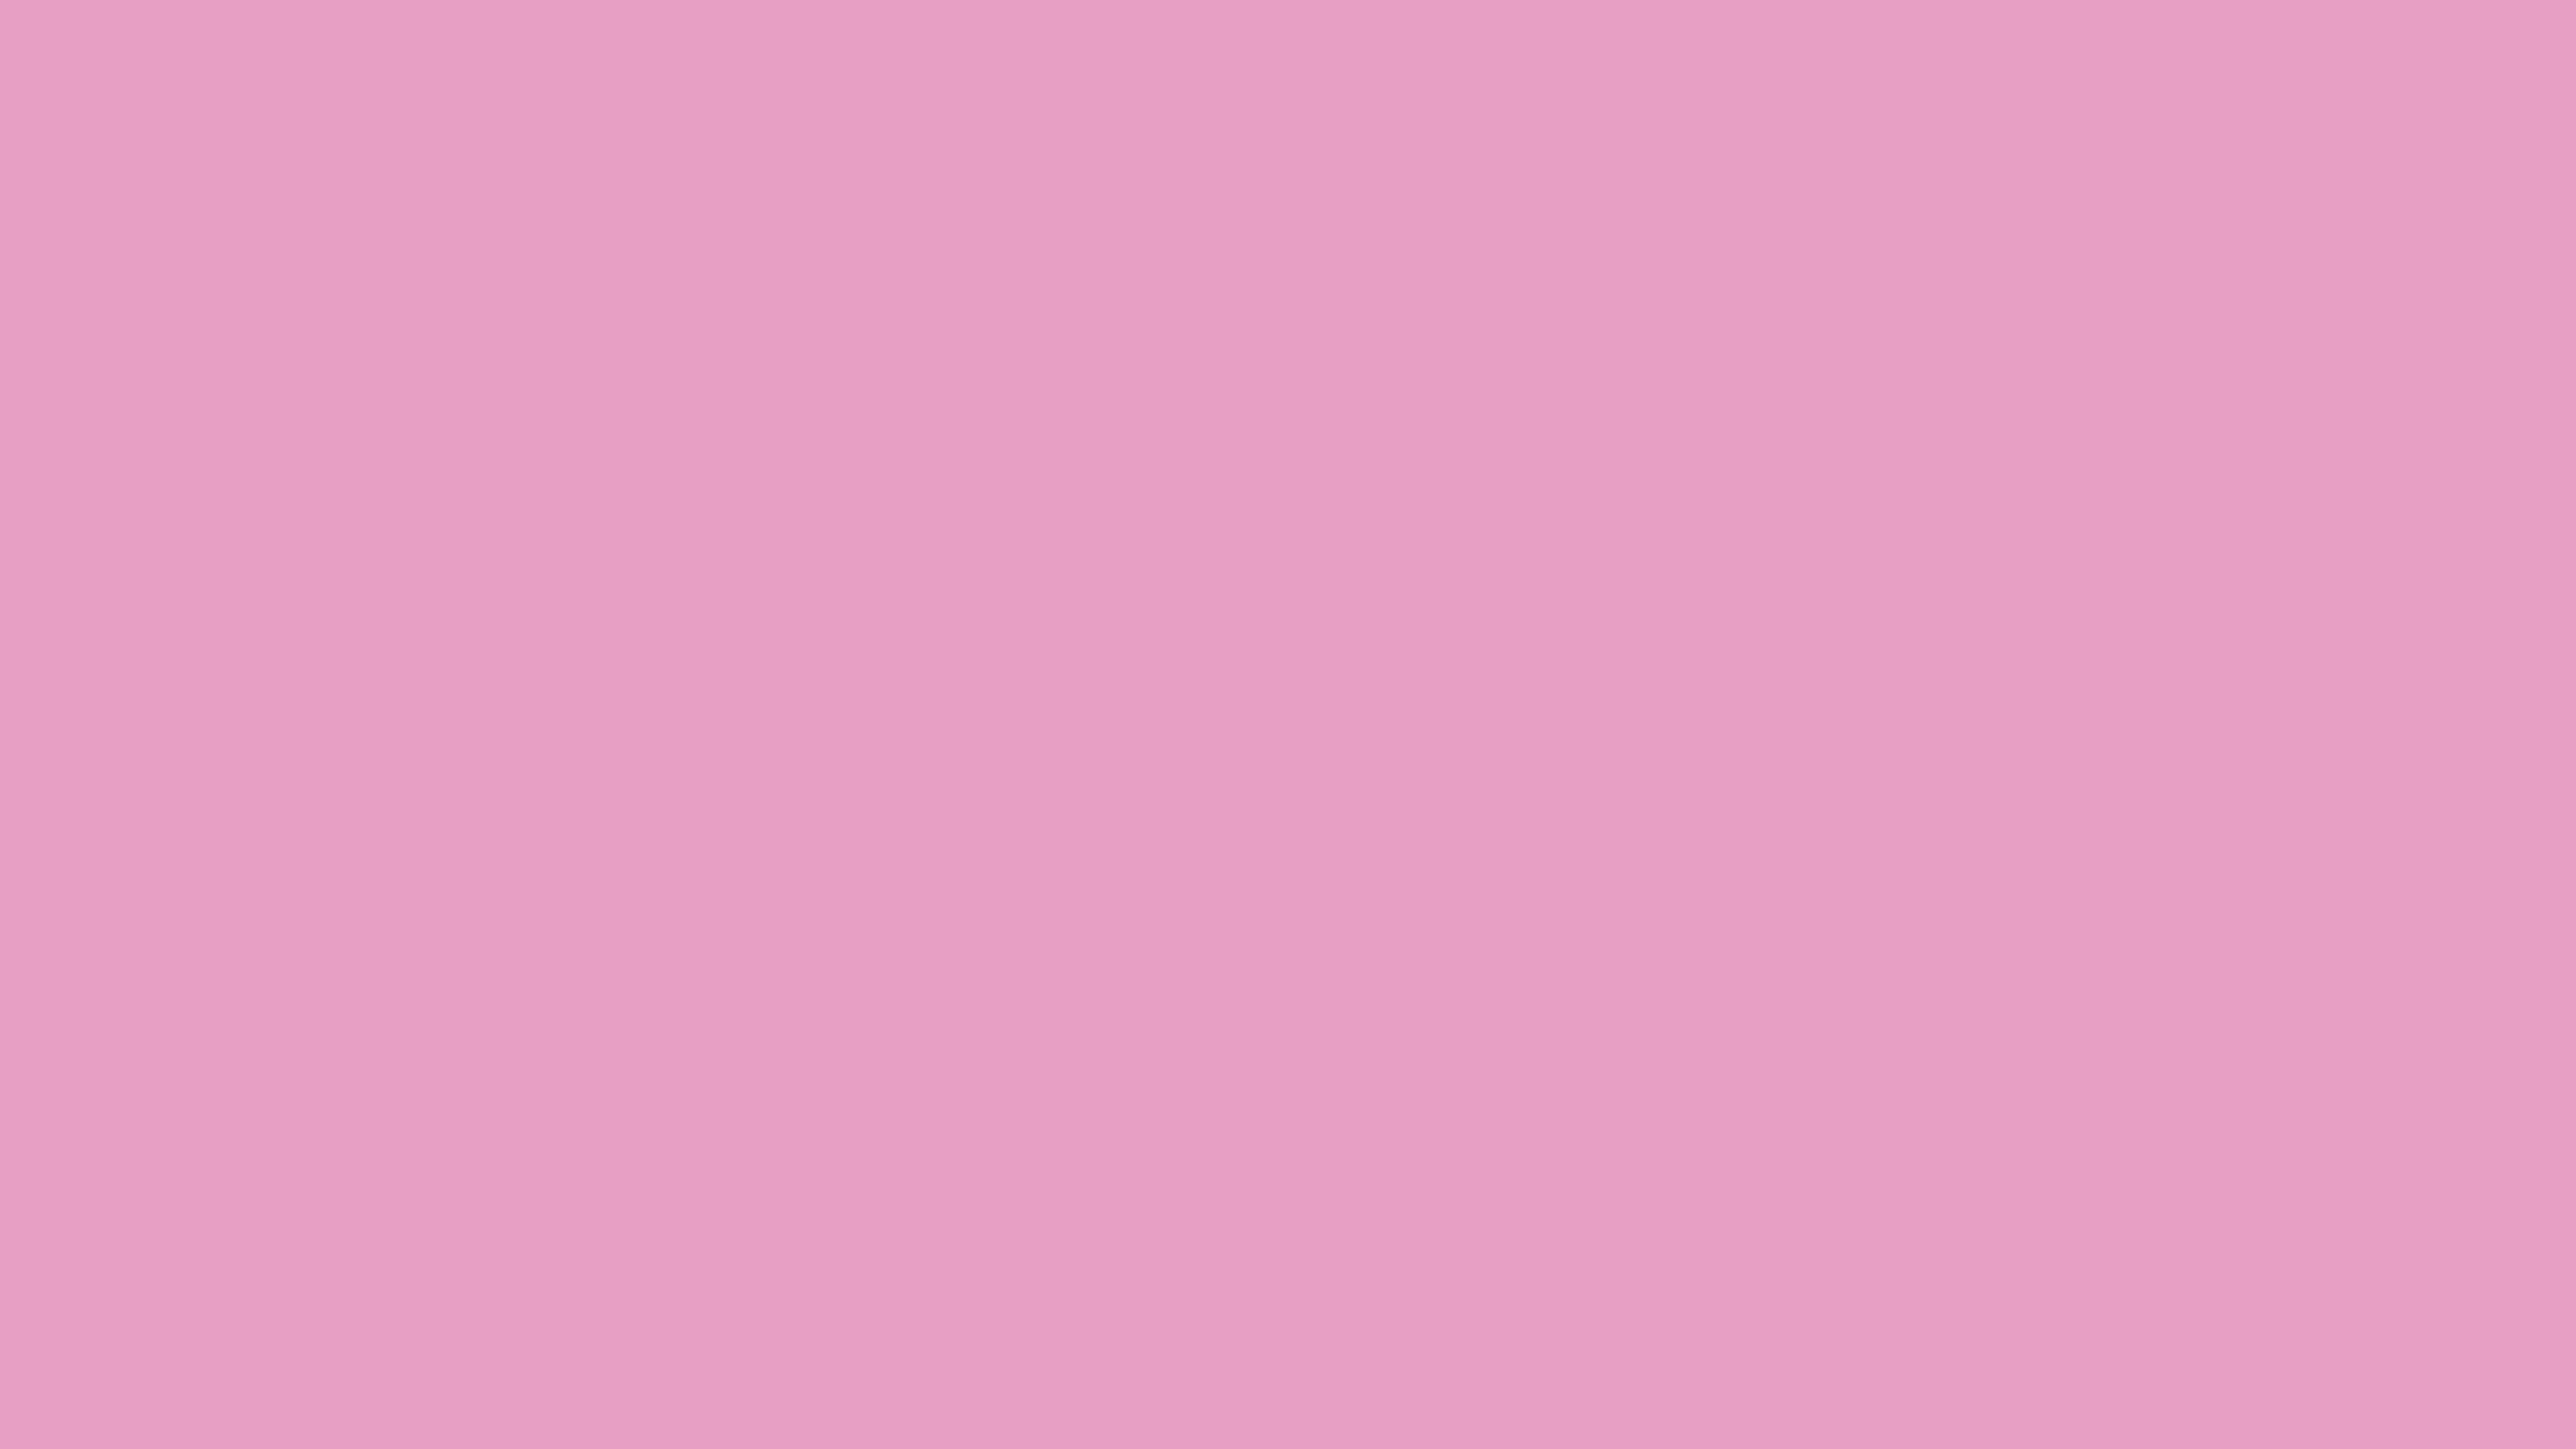 4096x2304 Kobi Solid Color Background